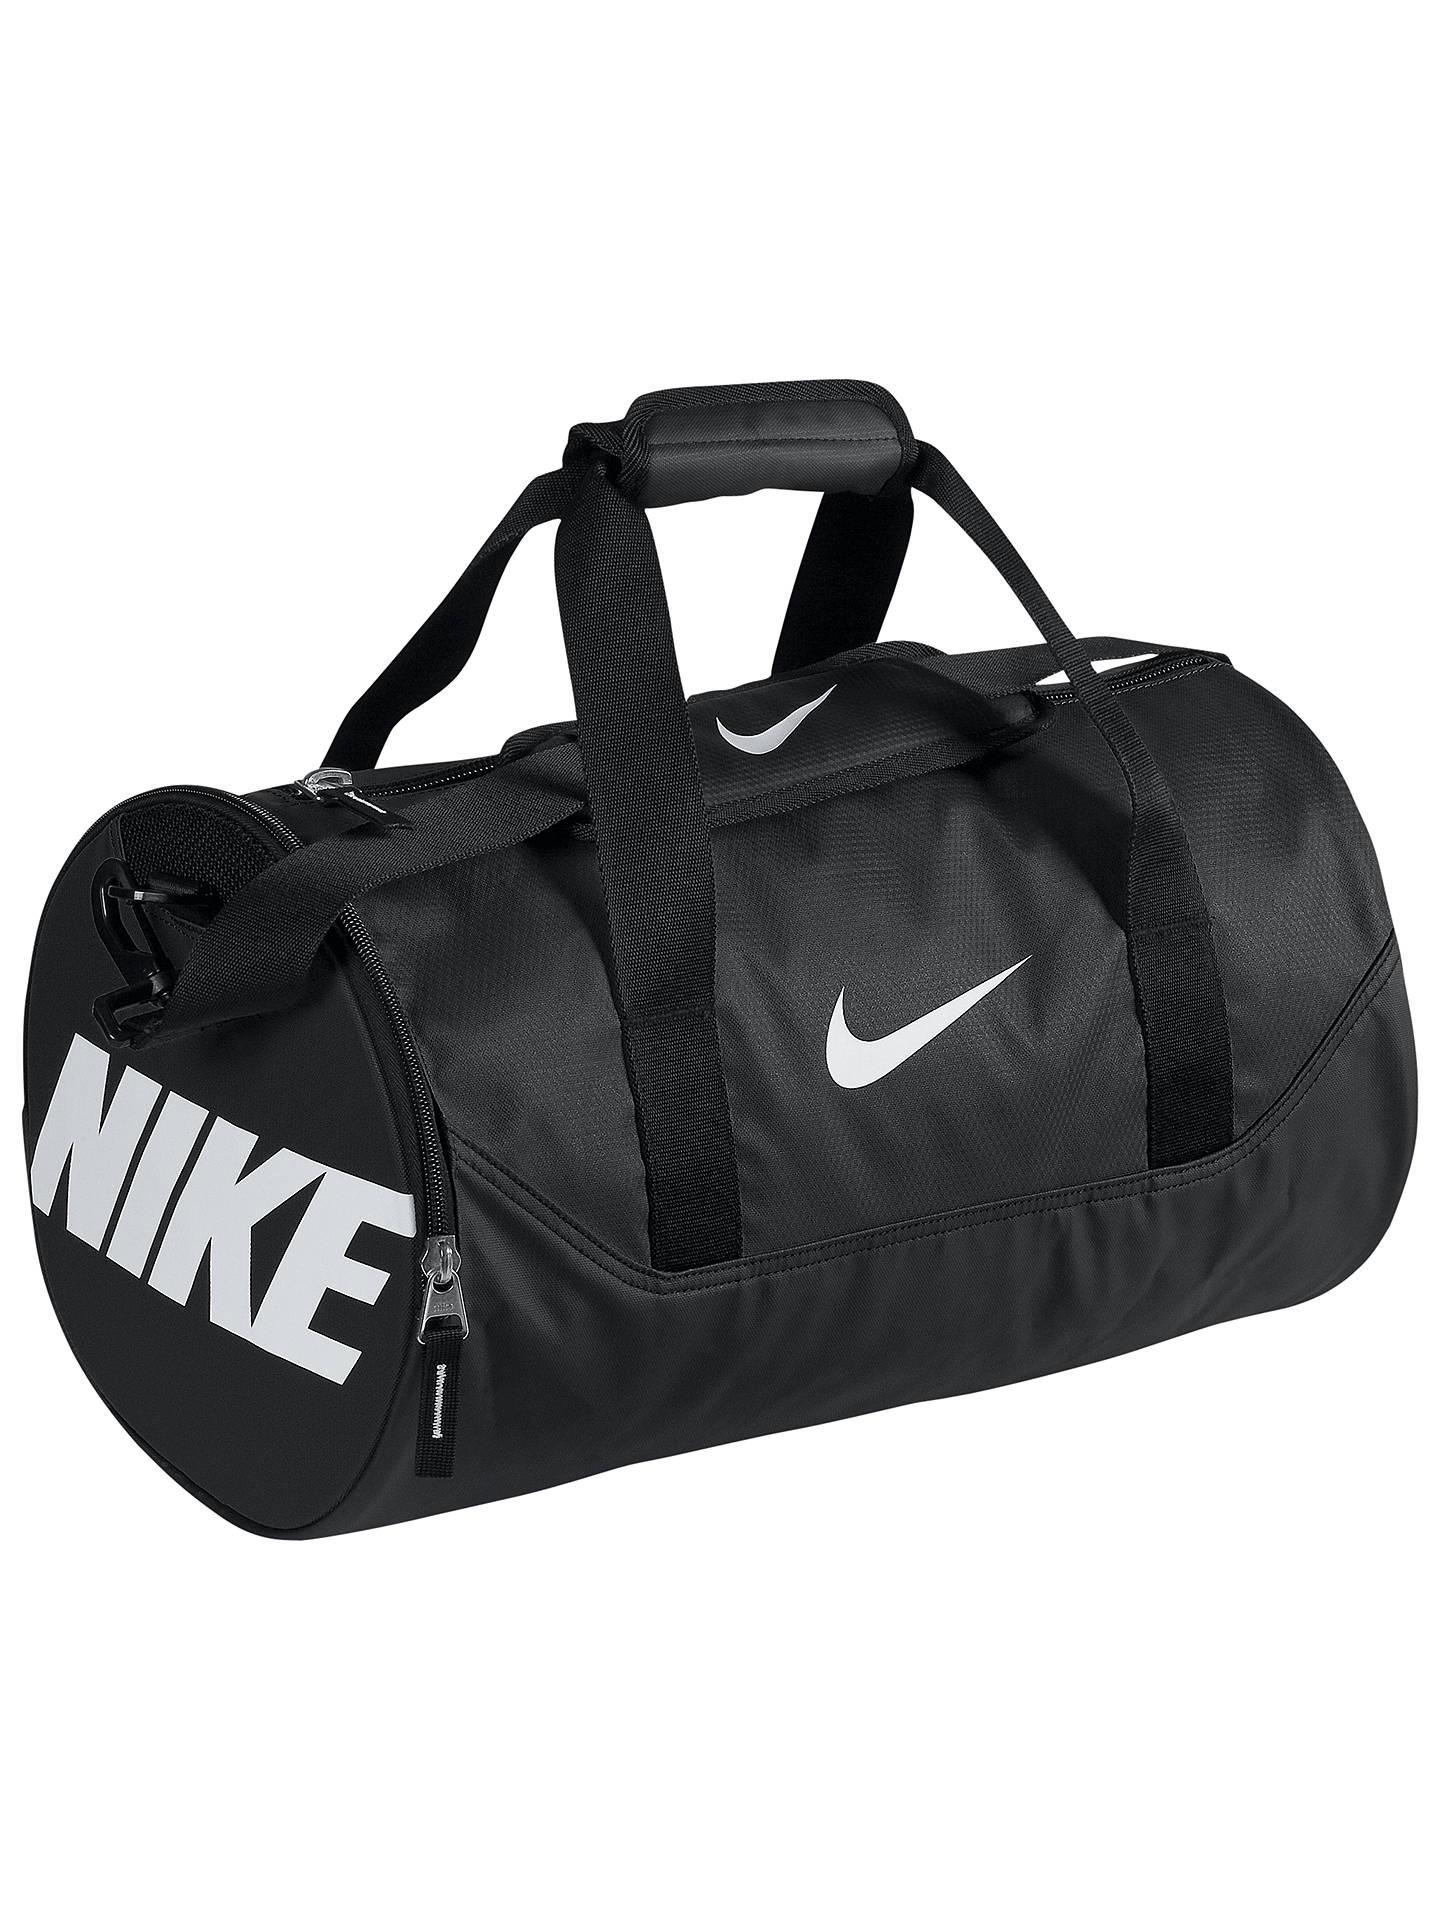 BuyNike Team Training Mini Duffle Bag 3966a9e7aa6ce